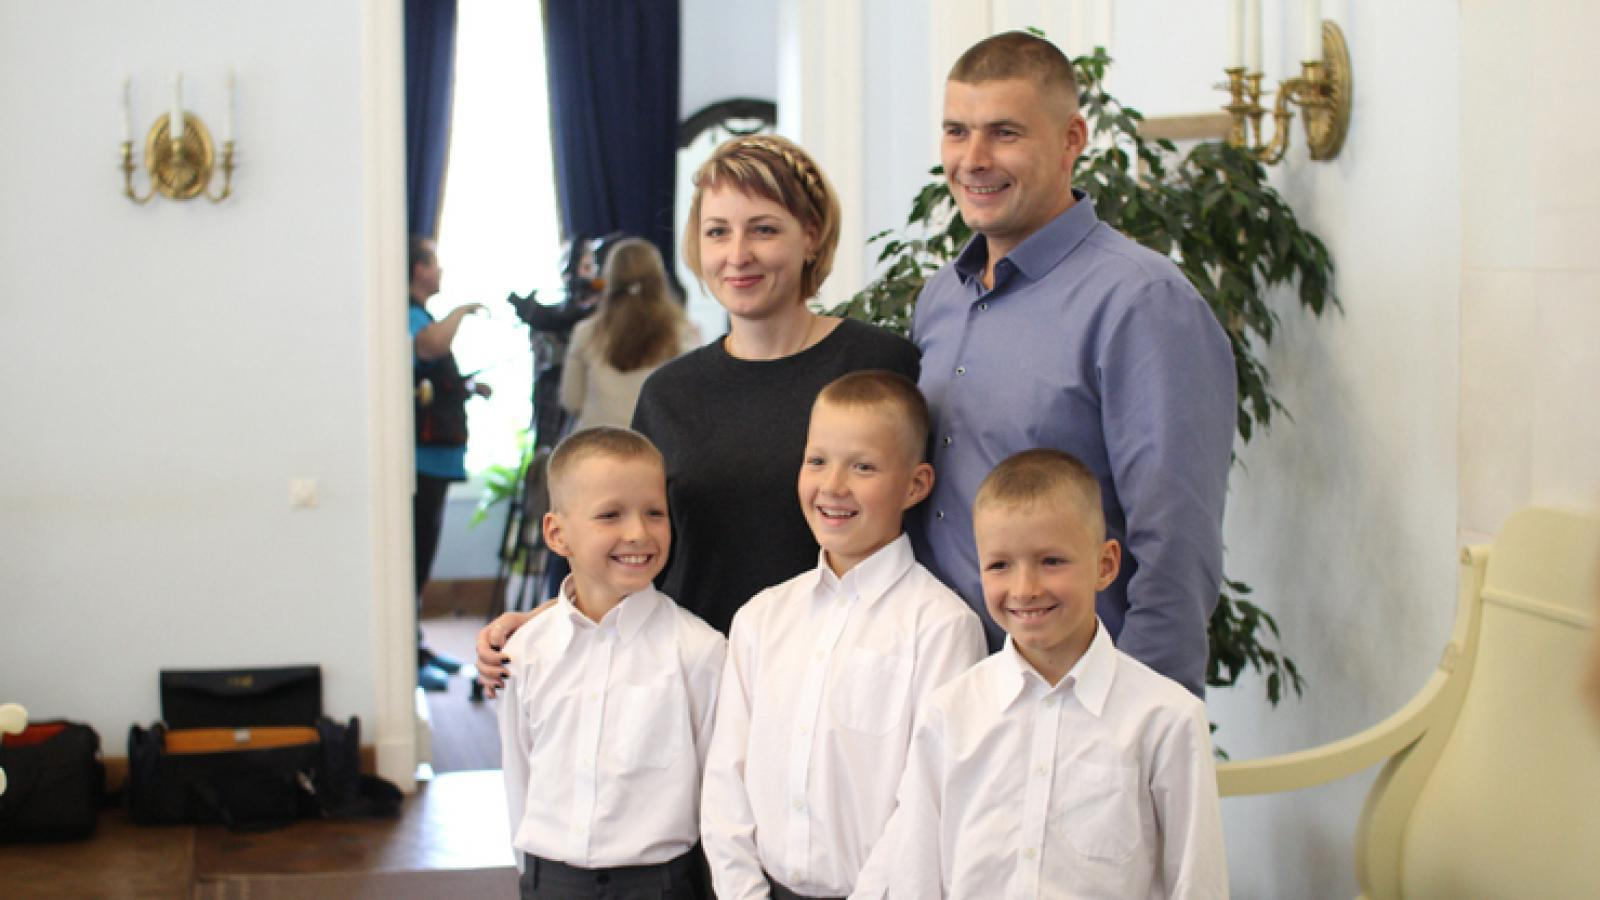 Семья из Череповца победила на всероссийском конкурсе «Семья года»